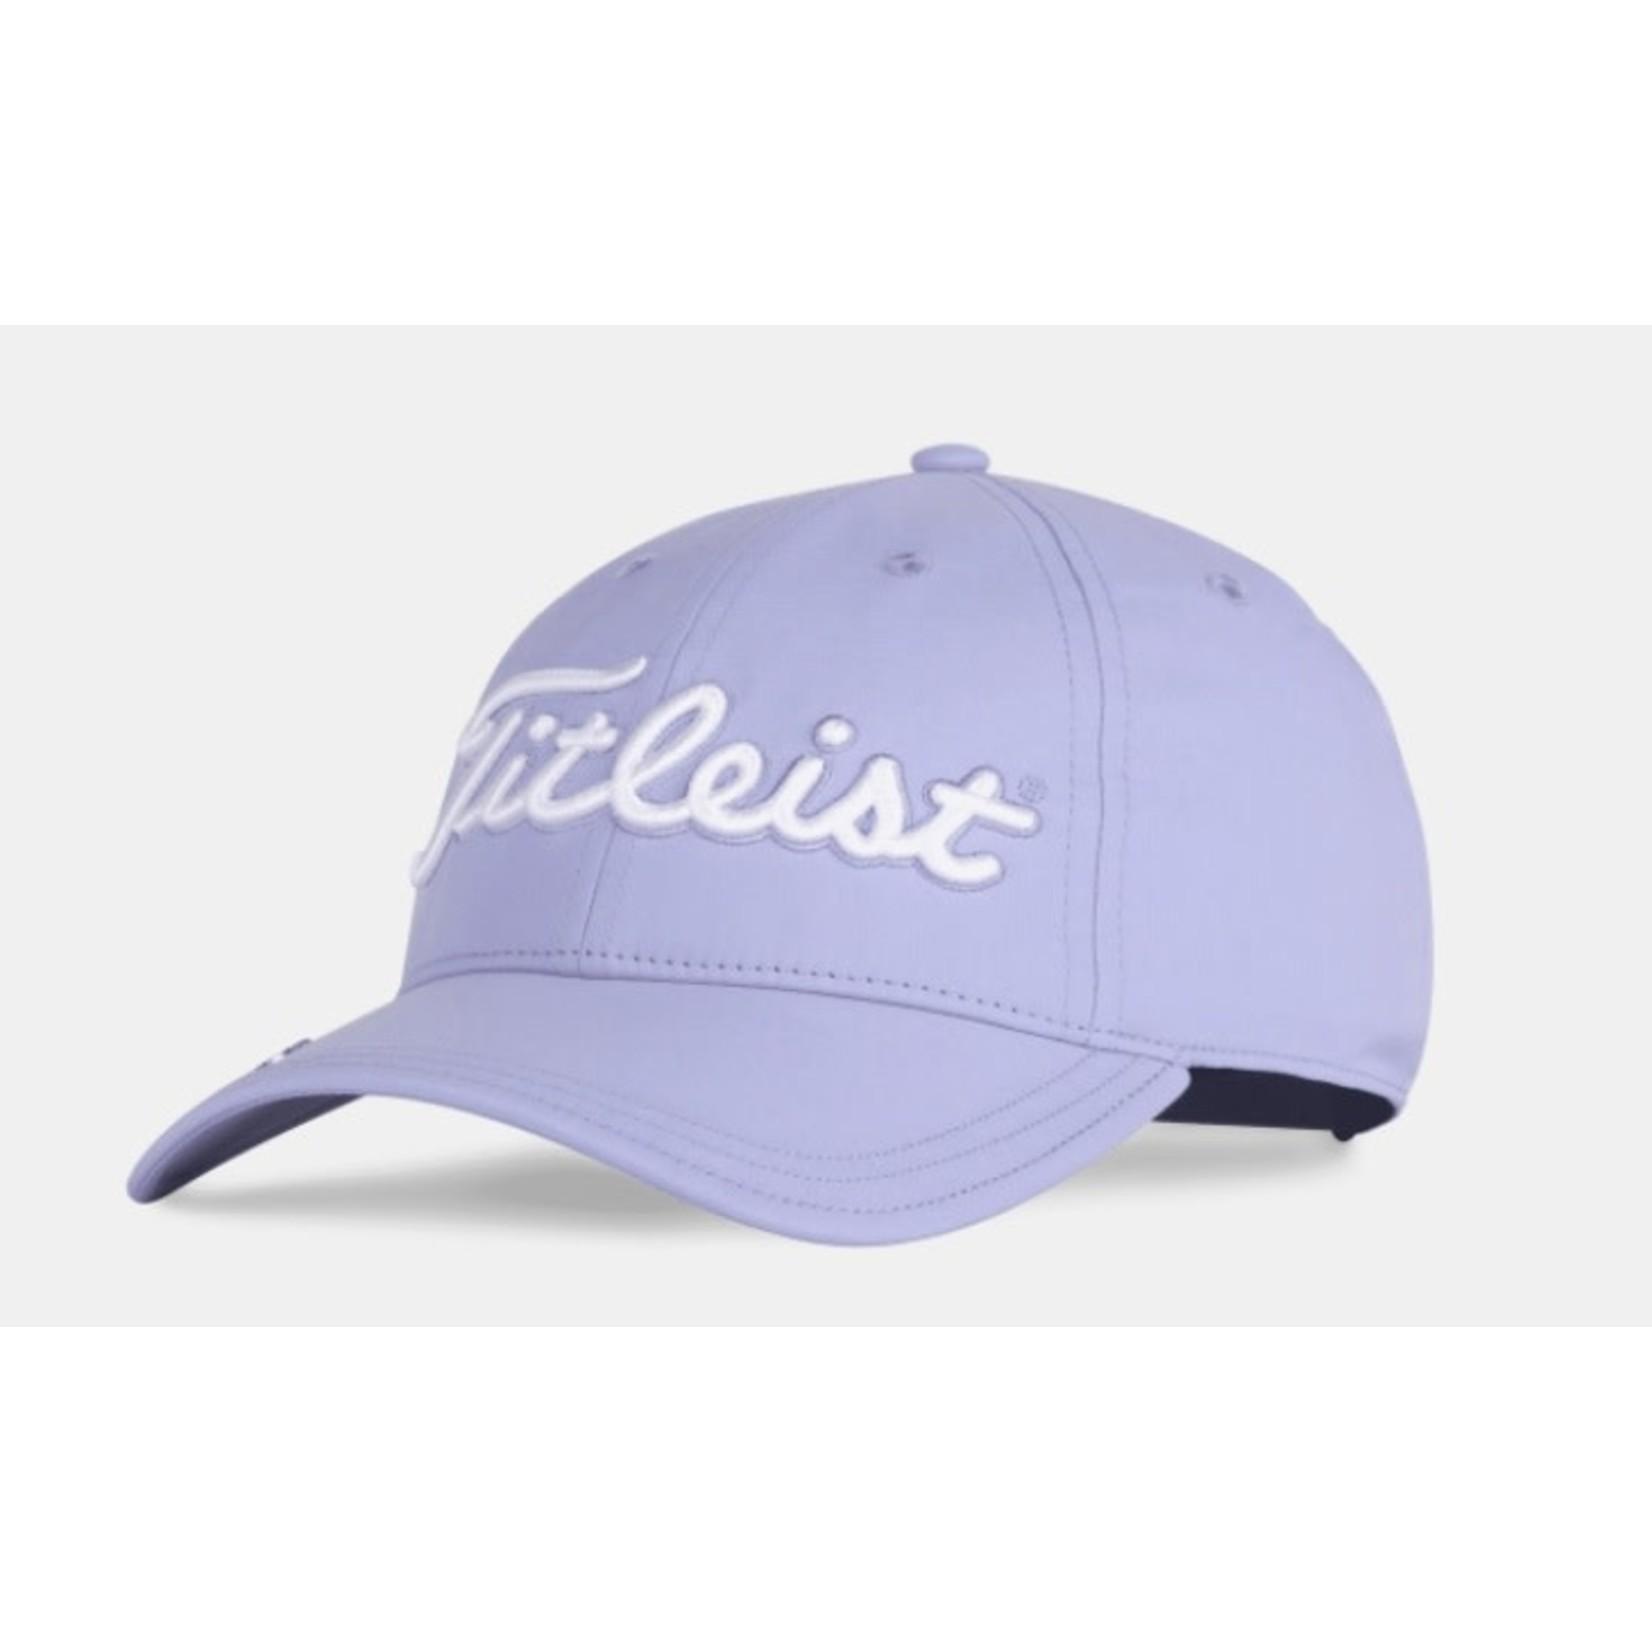 Titleist Titleist Tour Performance Lavendel/White CAP